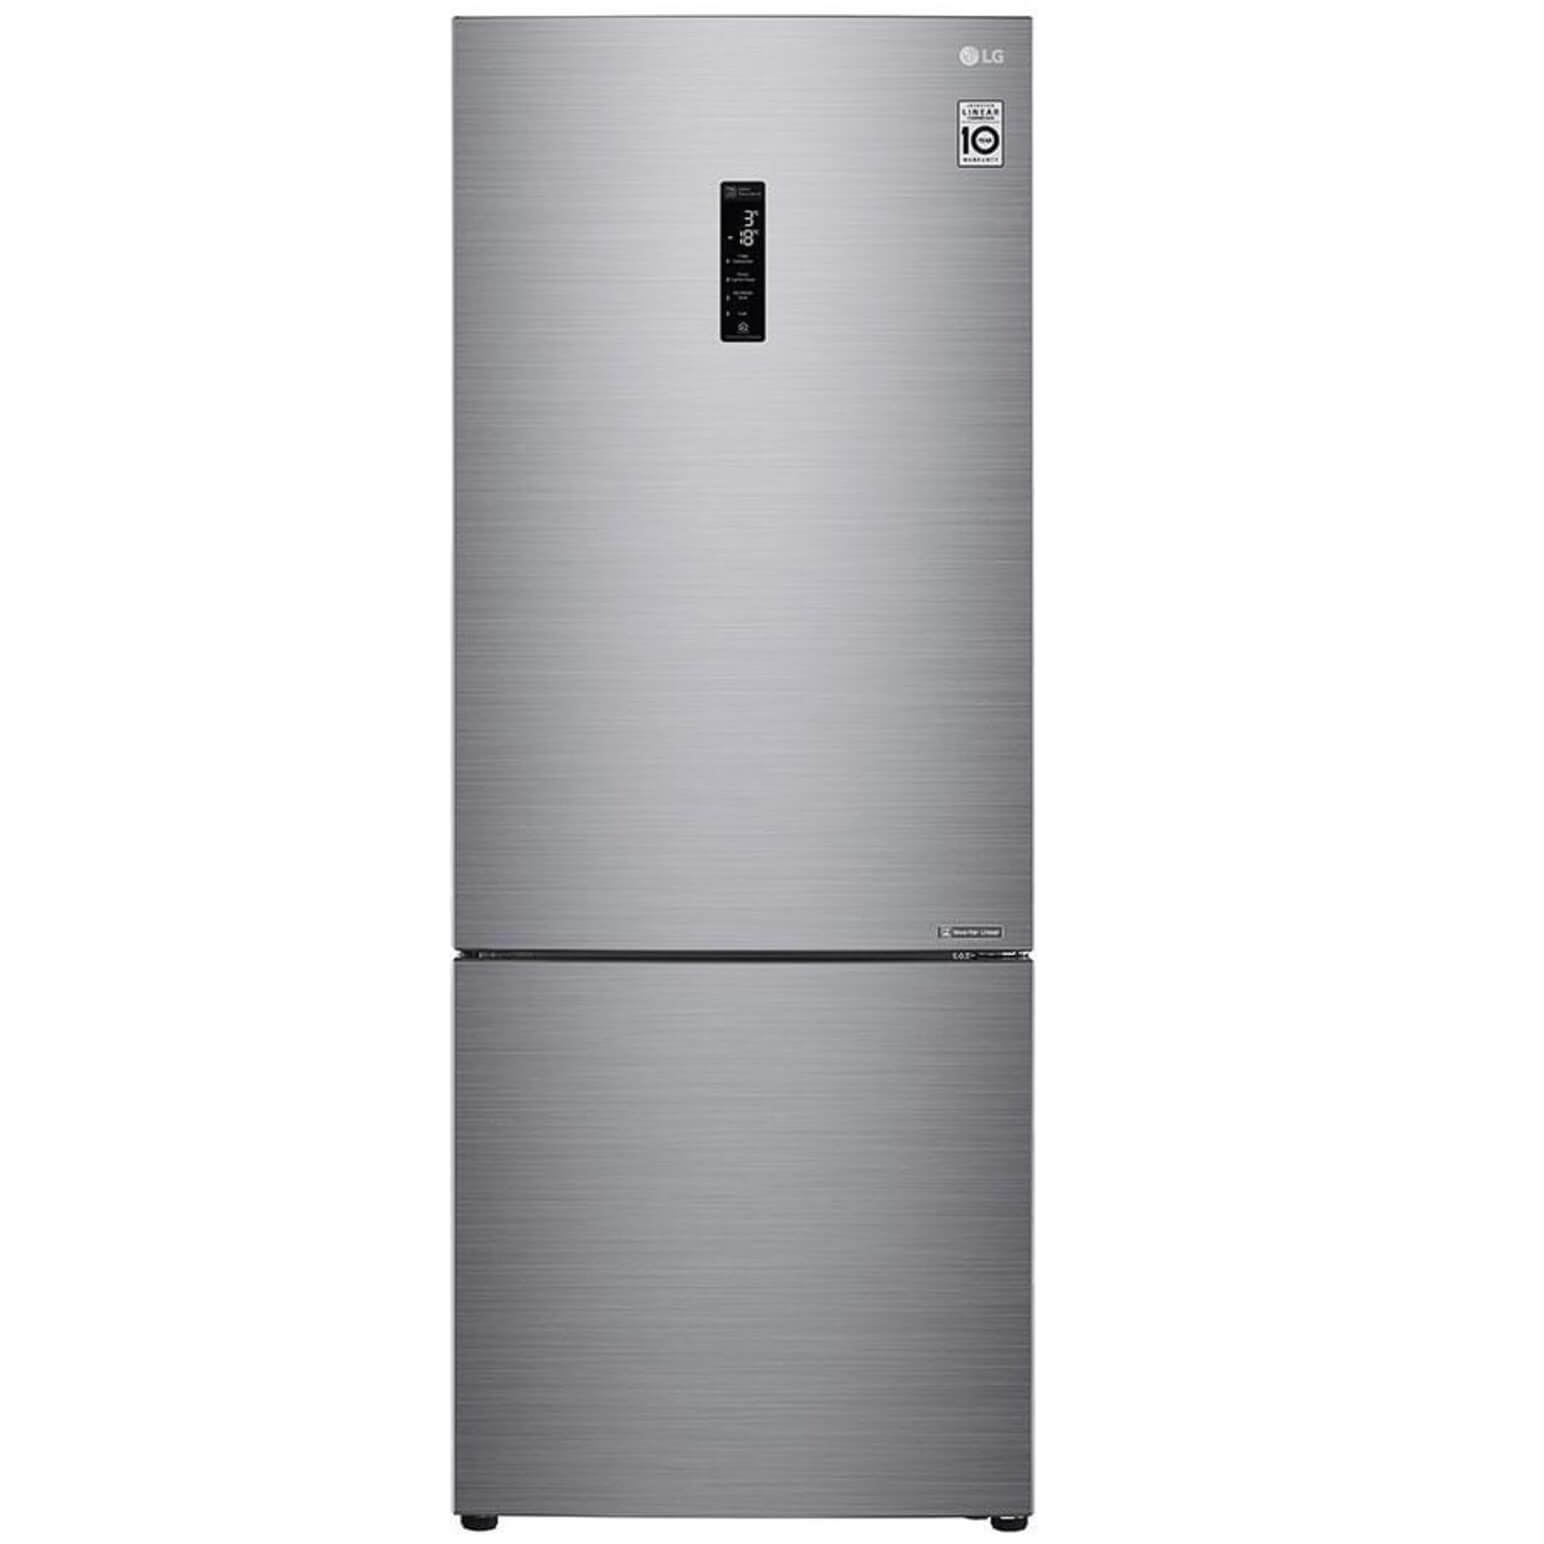 LG GC-B569NLHZ Buzdolabı (Inox) Fiyatı ve Özellikleri